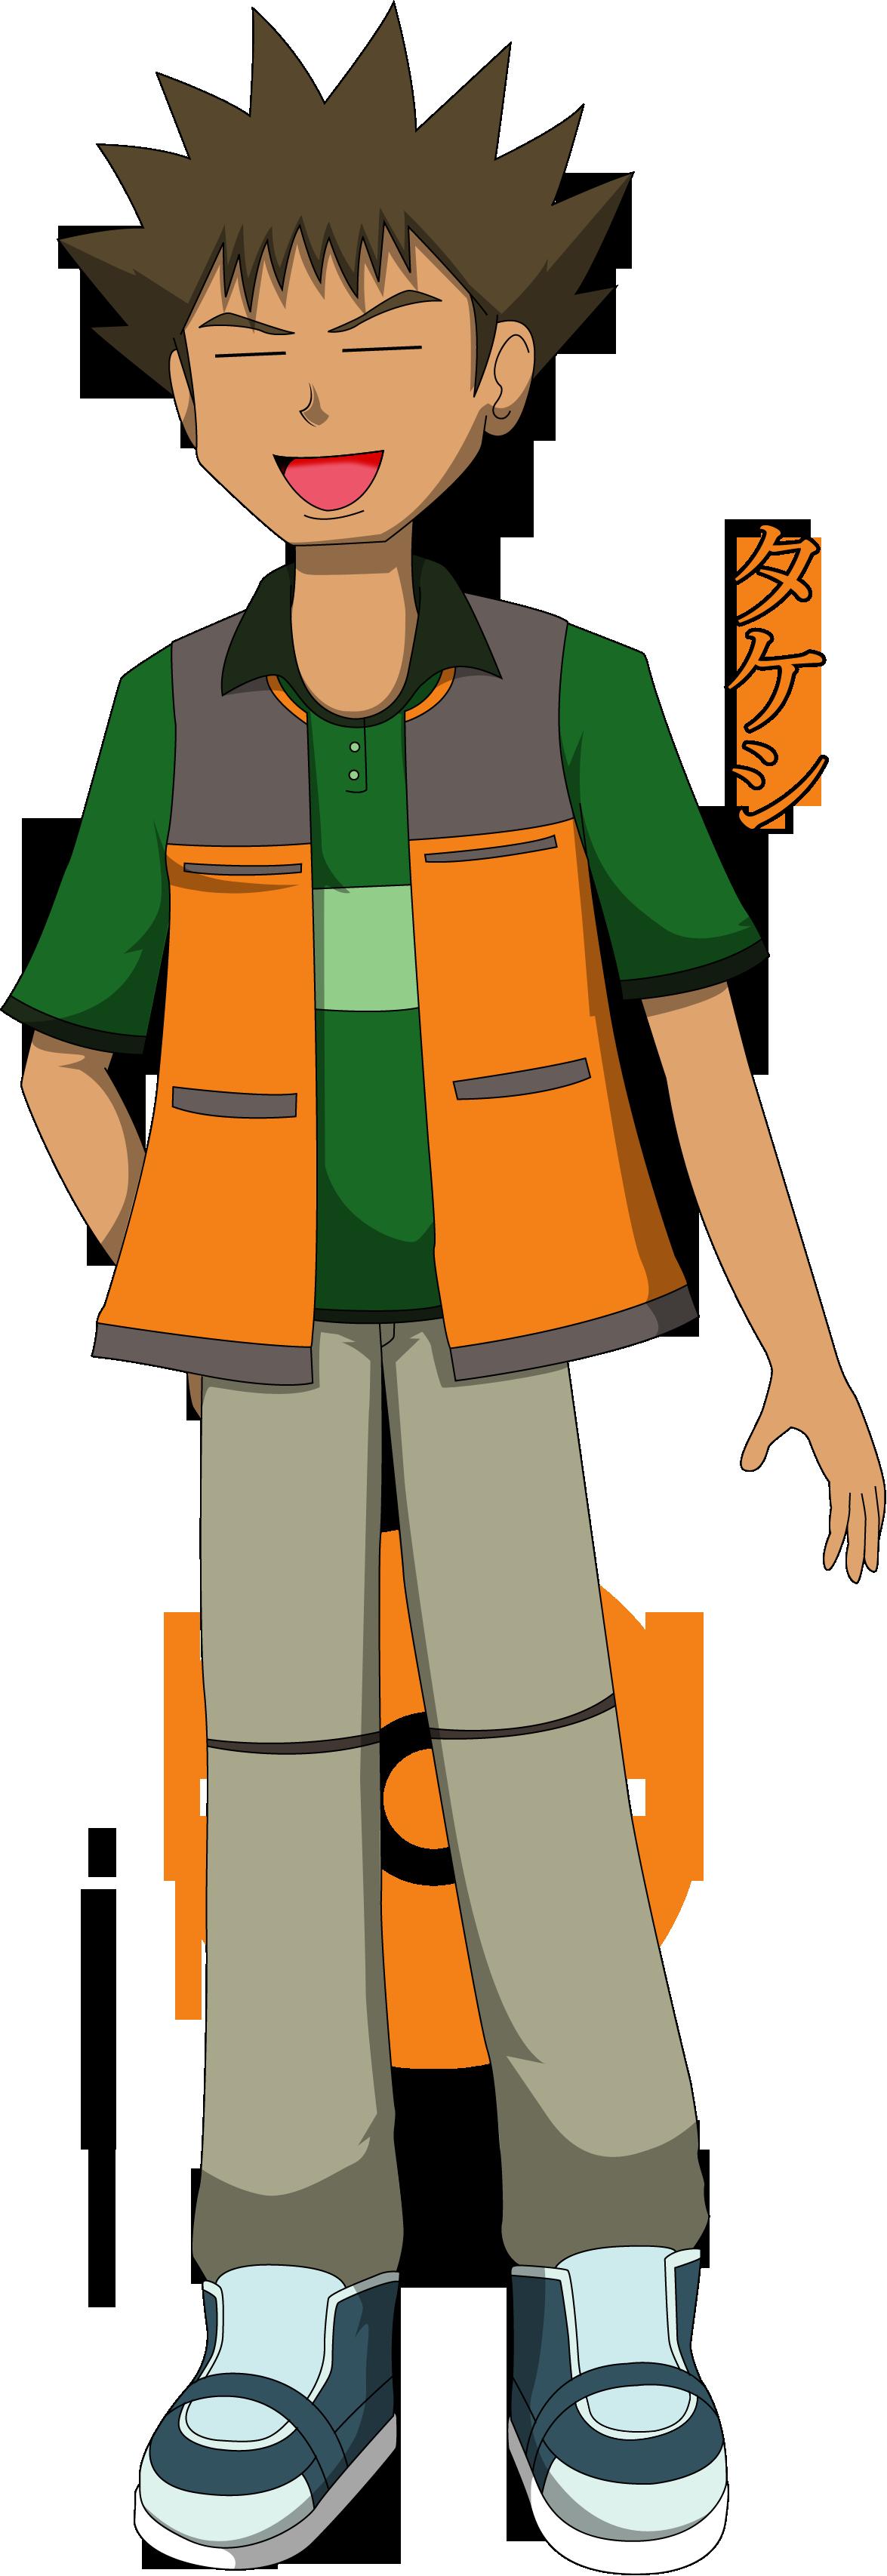 Pokemon Brock Pkmn iv ...